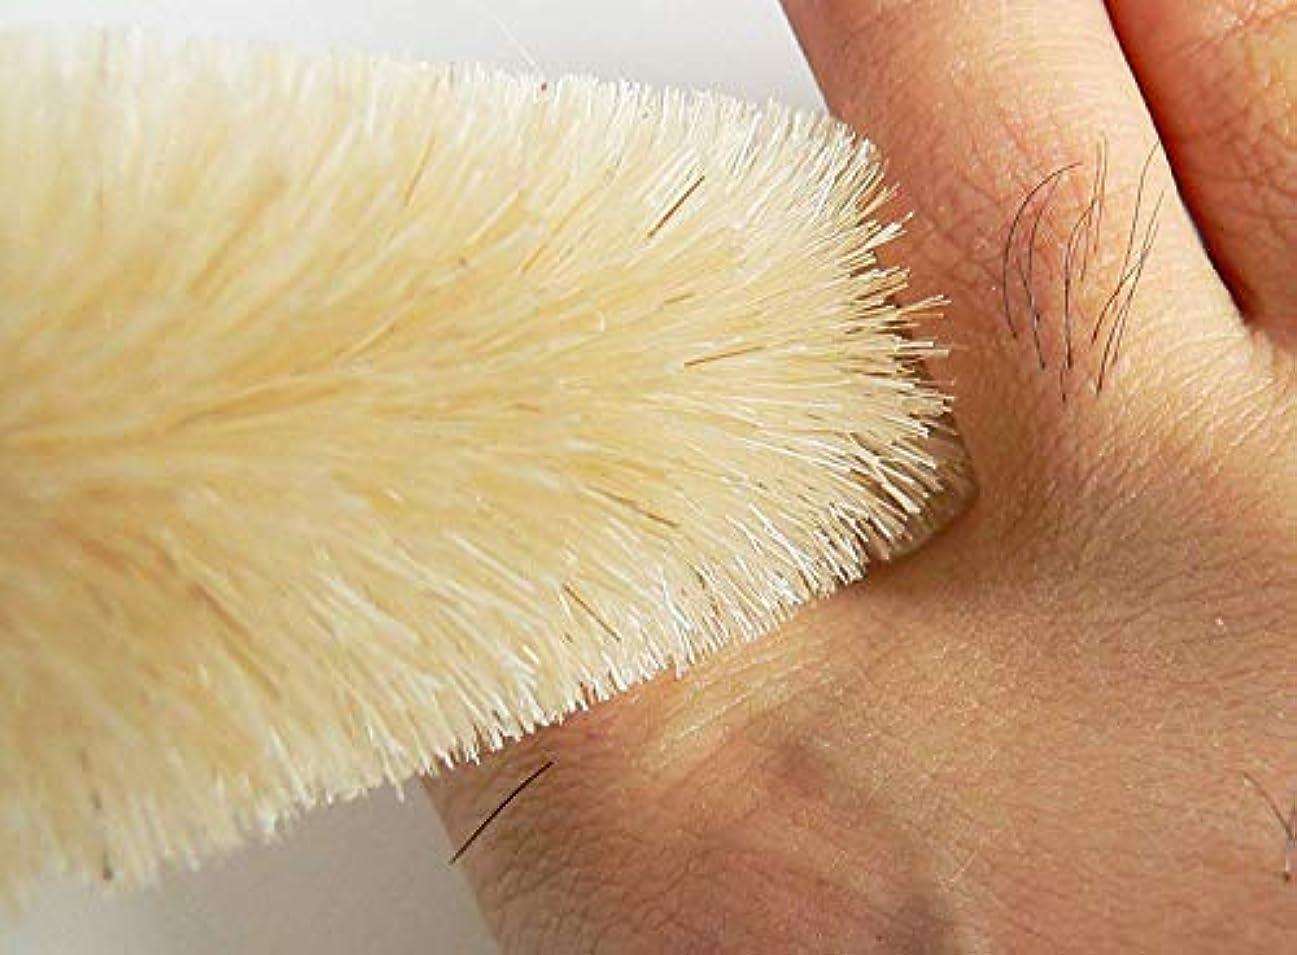 効能昆虫を見る遺跡指の間がキレイに洗える、指間専用ブラシ 白馬毛?普通 4本セット 通称フィンガーブラシ ※水虫防止、介護などに 浅草まーぶる